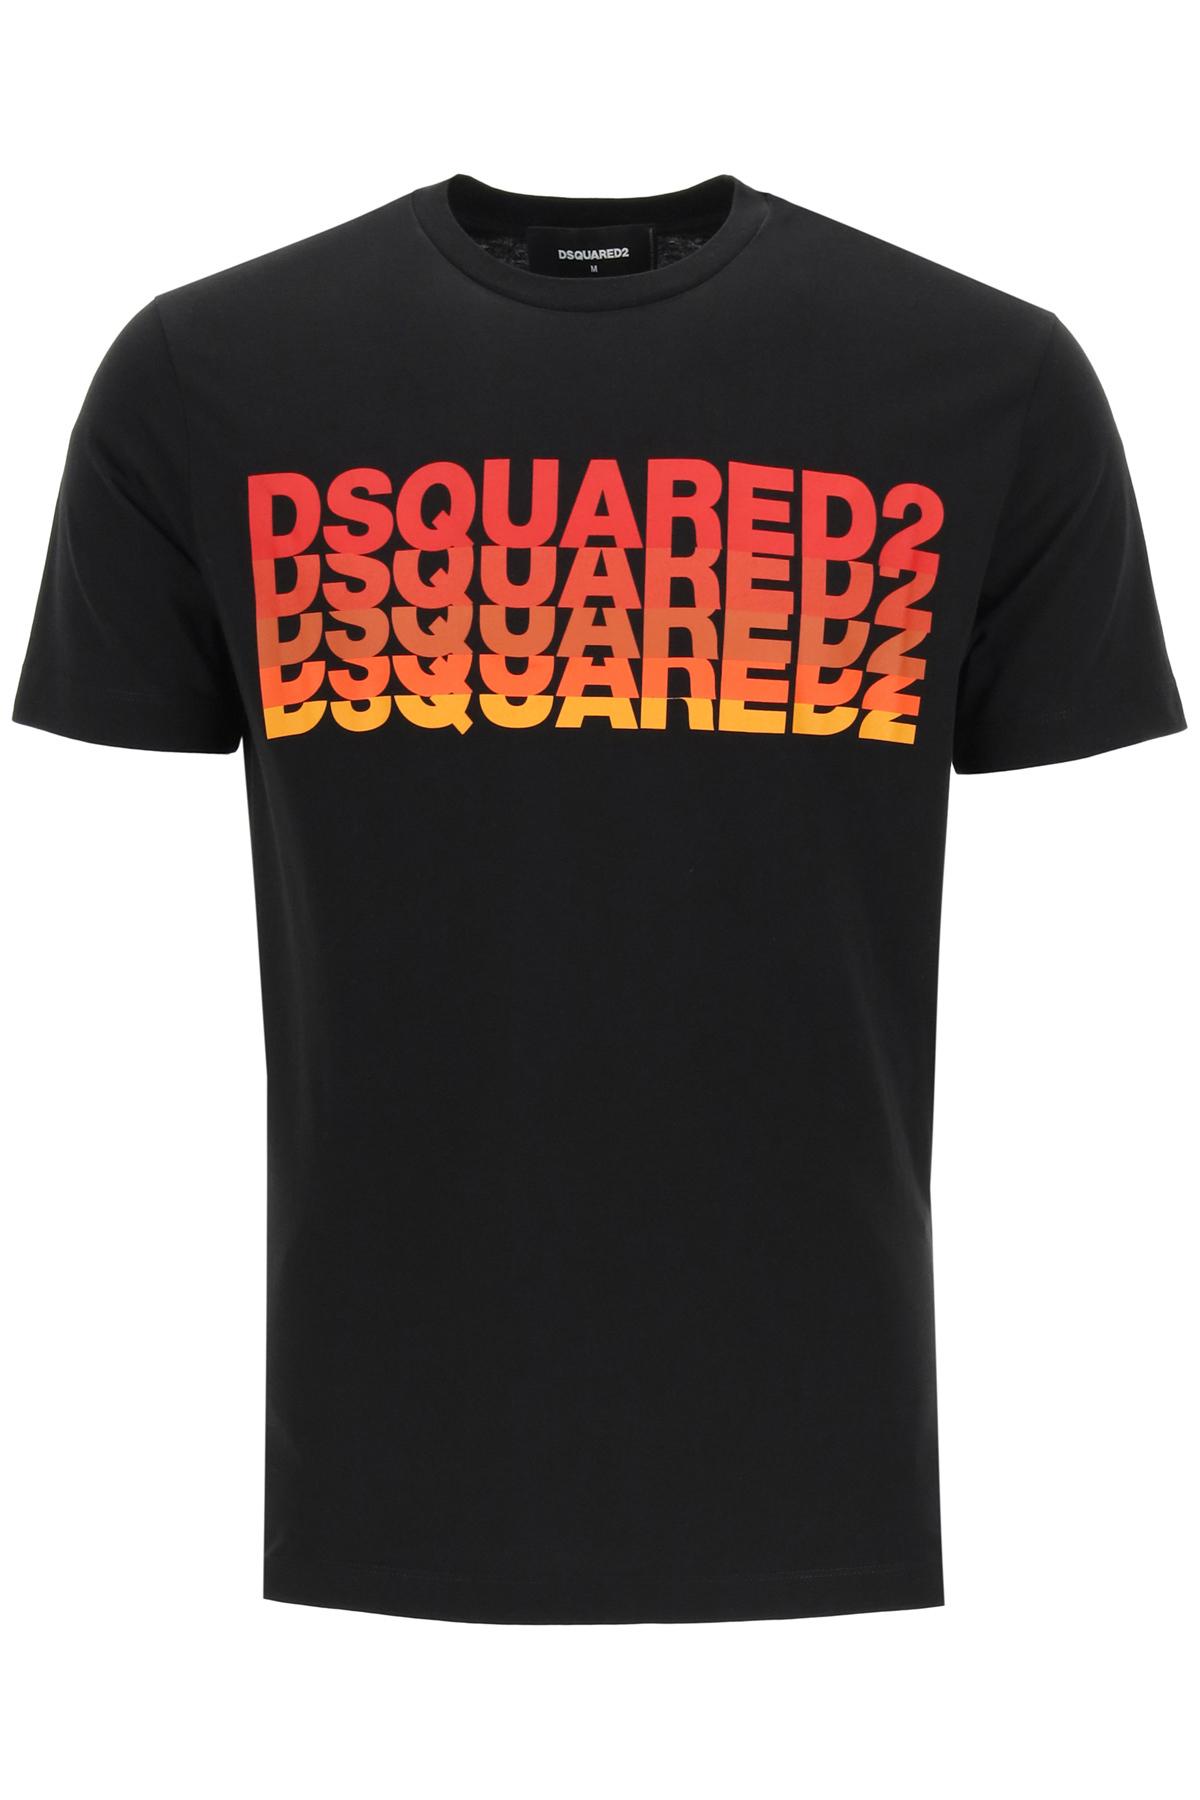 Dsquared2 t-shirt stampa multilogo dégradé